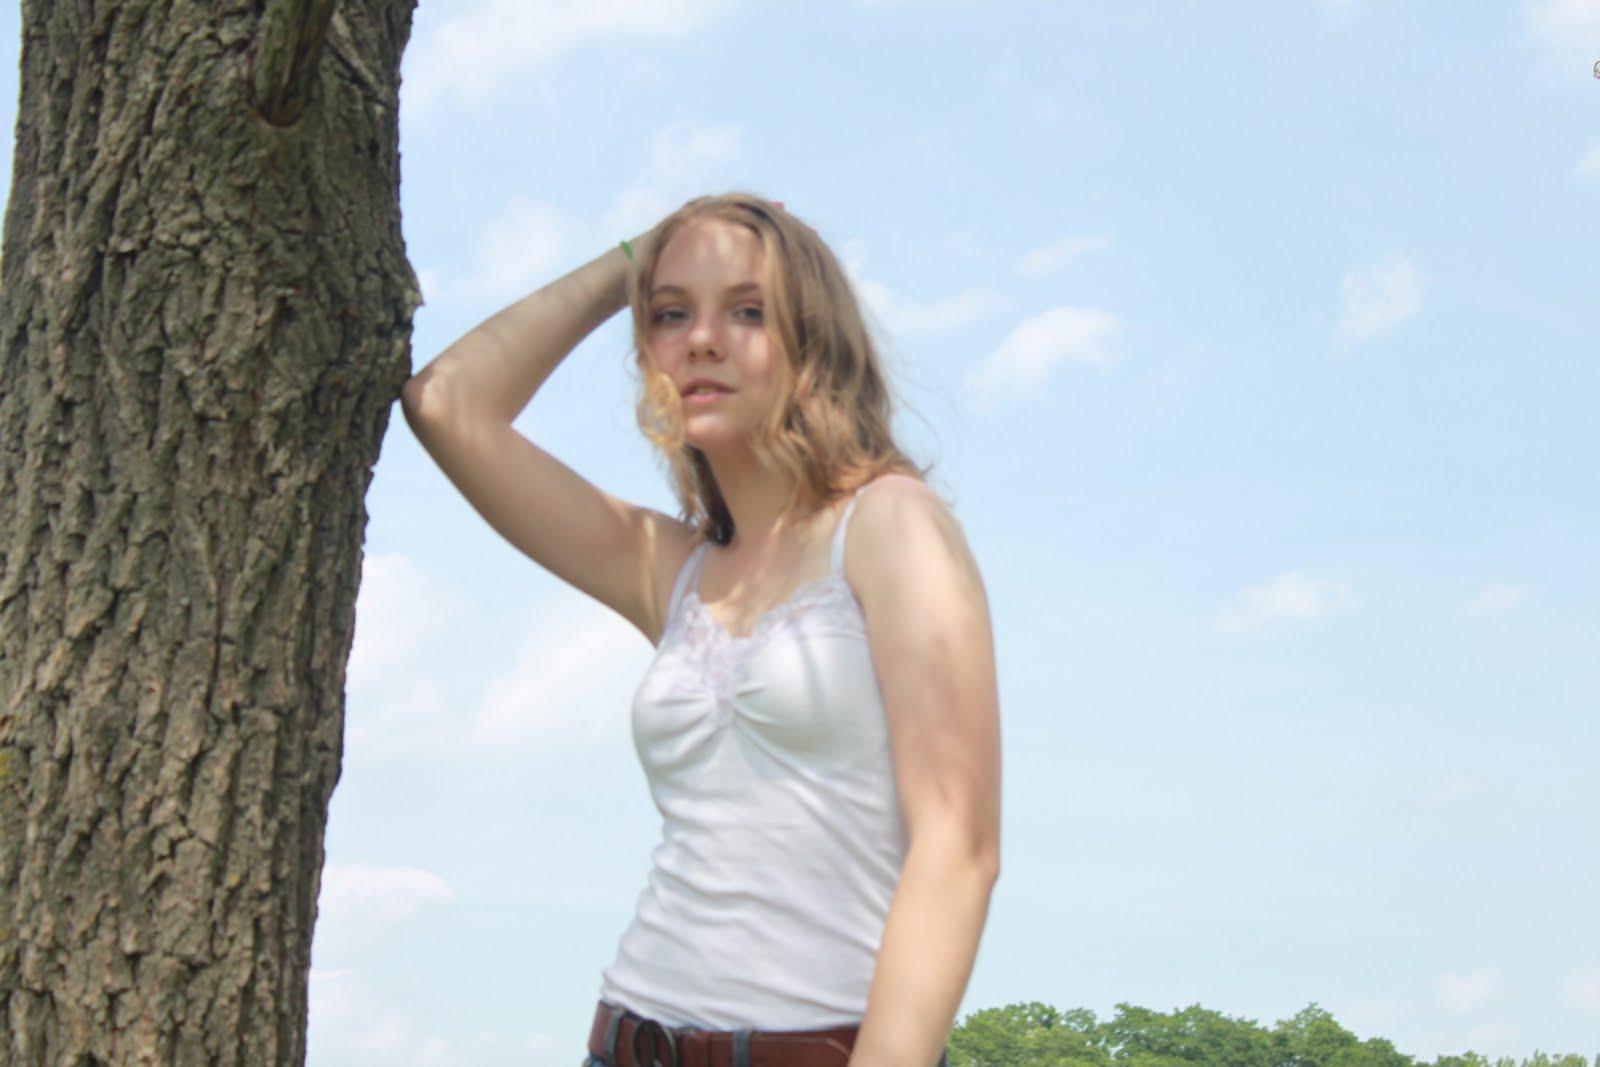 http://3.bp.blogspot.com/_B81vK-B8EtA/TDTzhKiwLvI/AAAAAAAAABs/fd2fUEDo7-I/s1600/IMG_5444.JPG